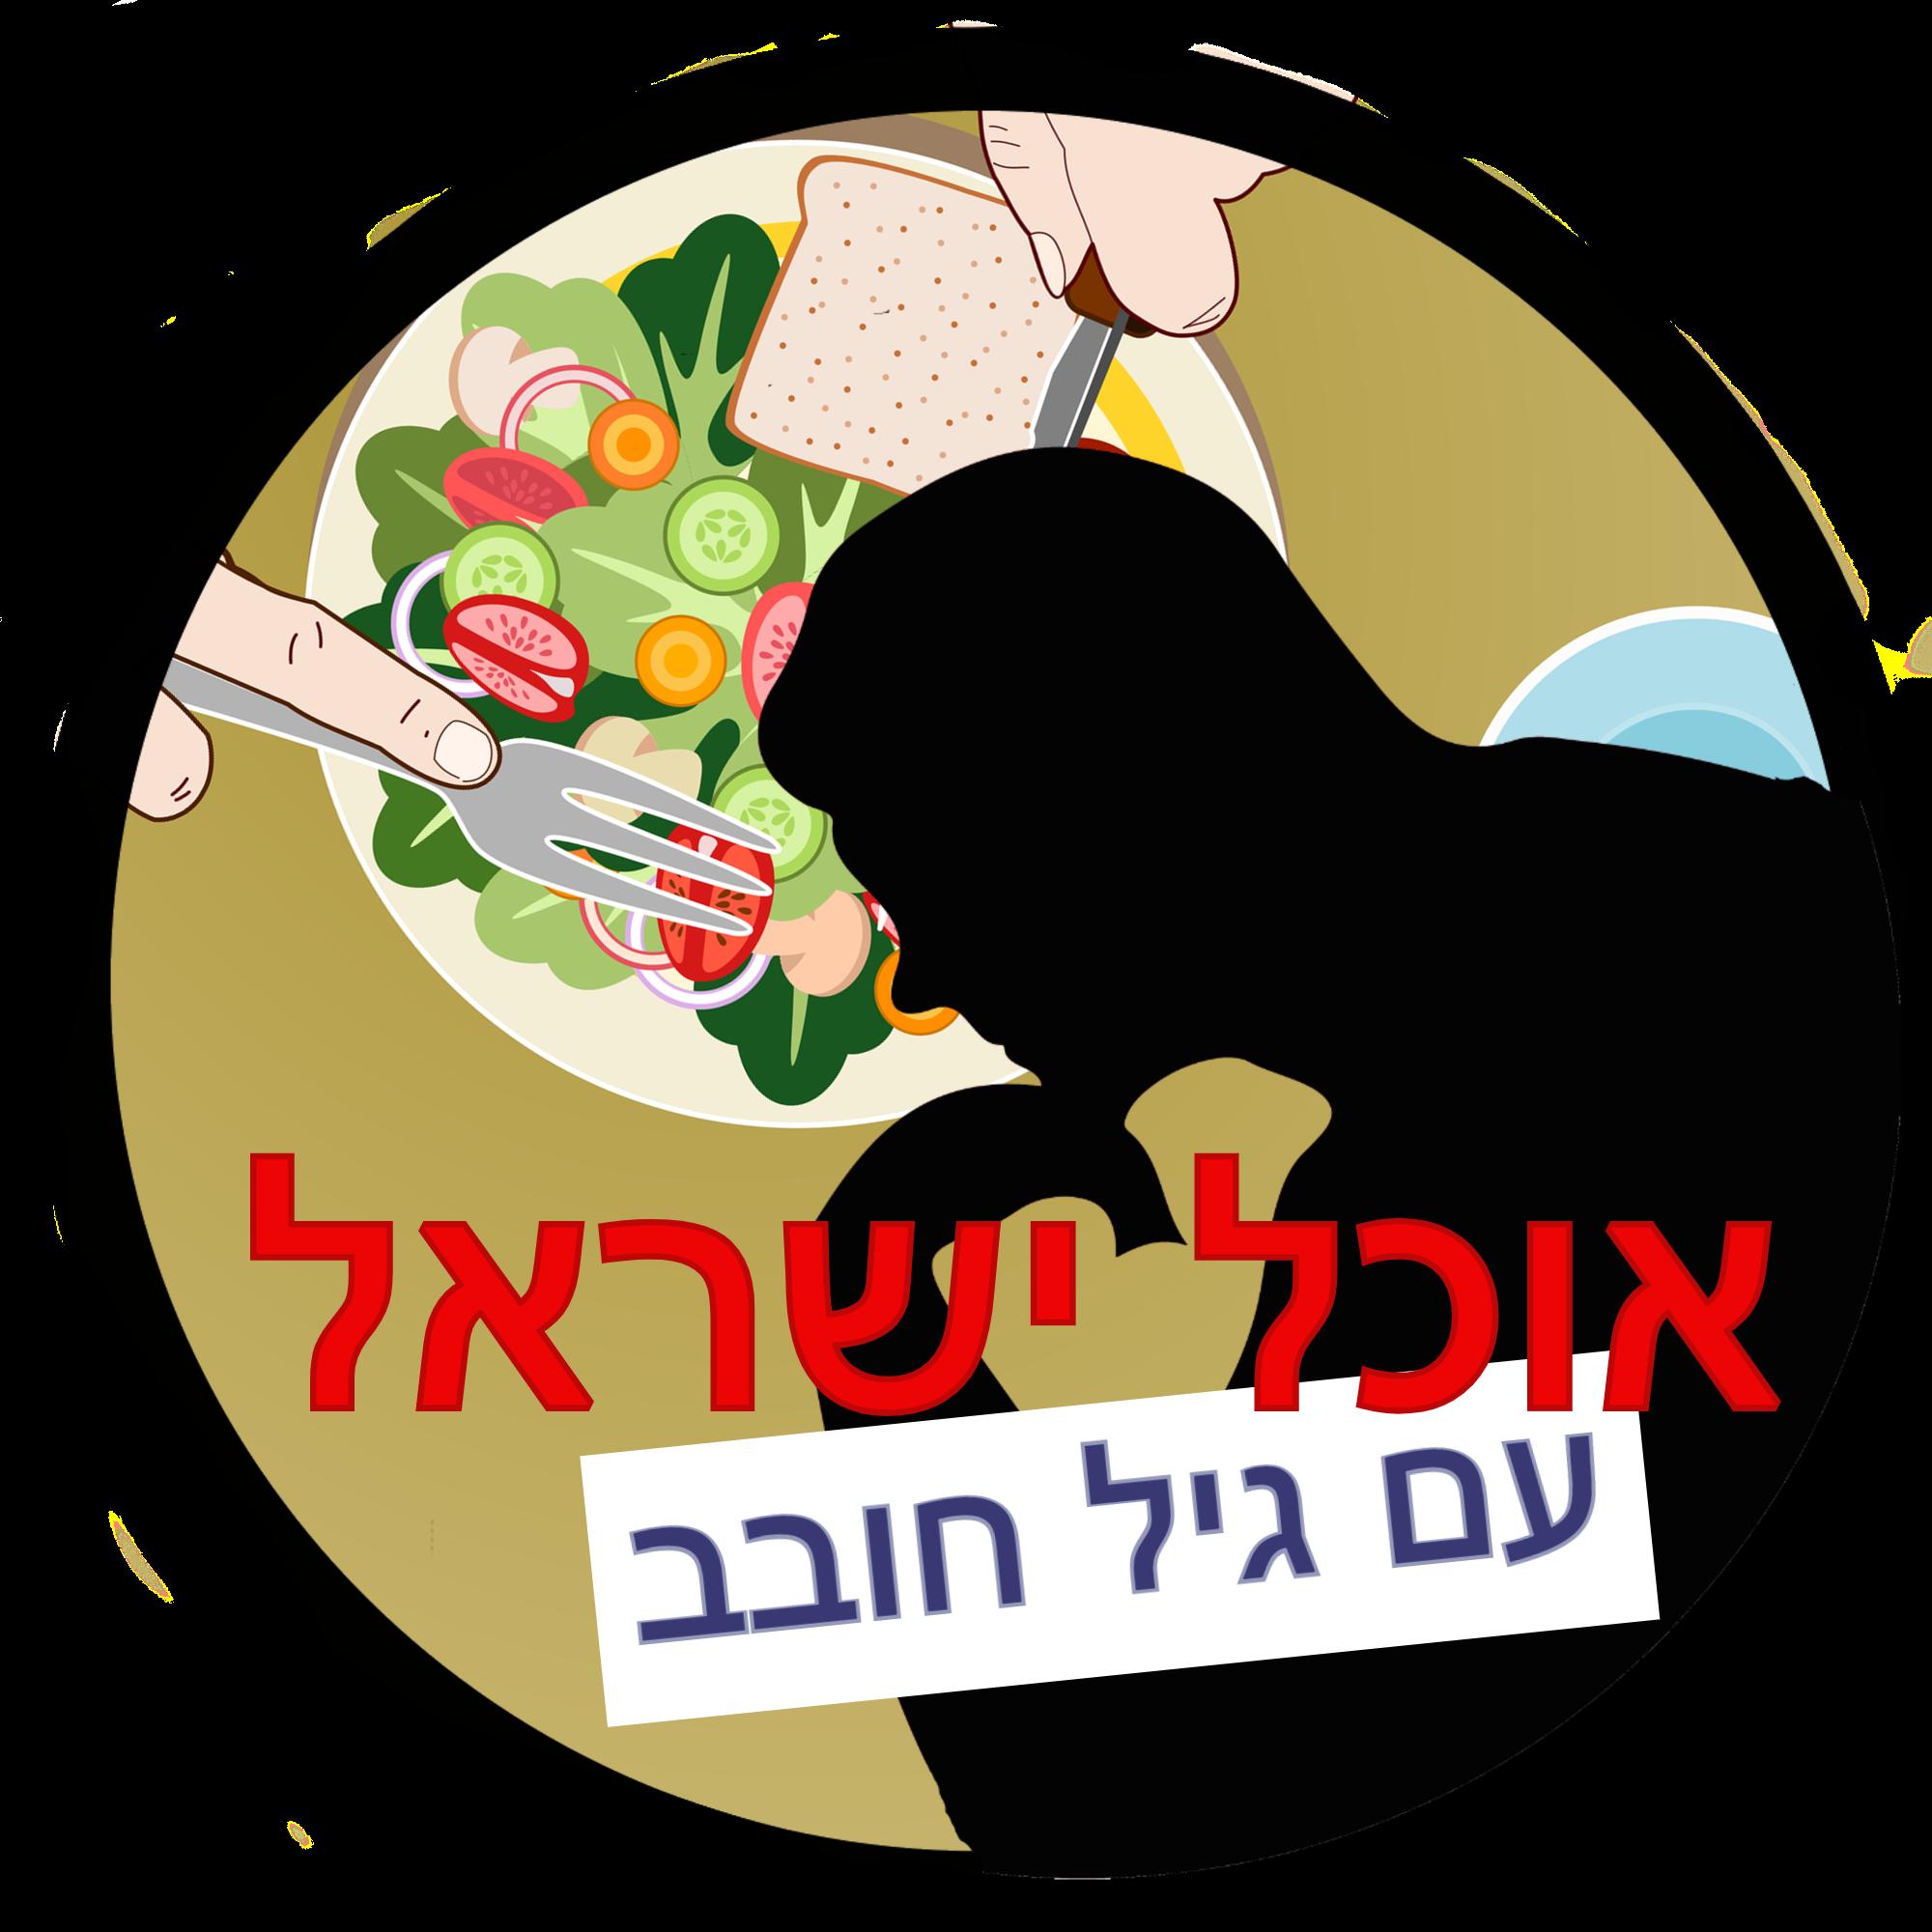 [אוכל ישראל] פרומו: גיל חובב מגיש פודקאסט חדש ברשת